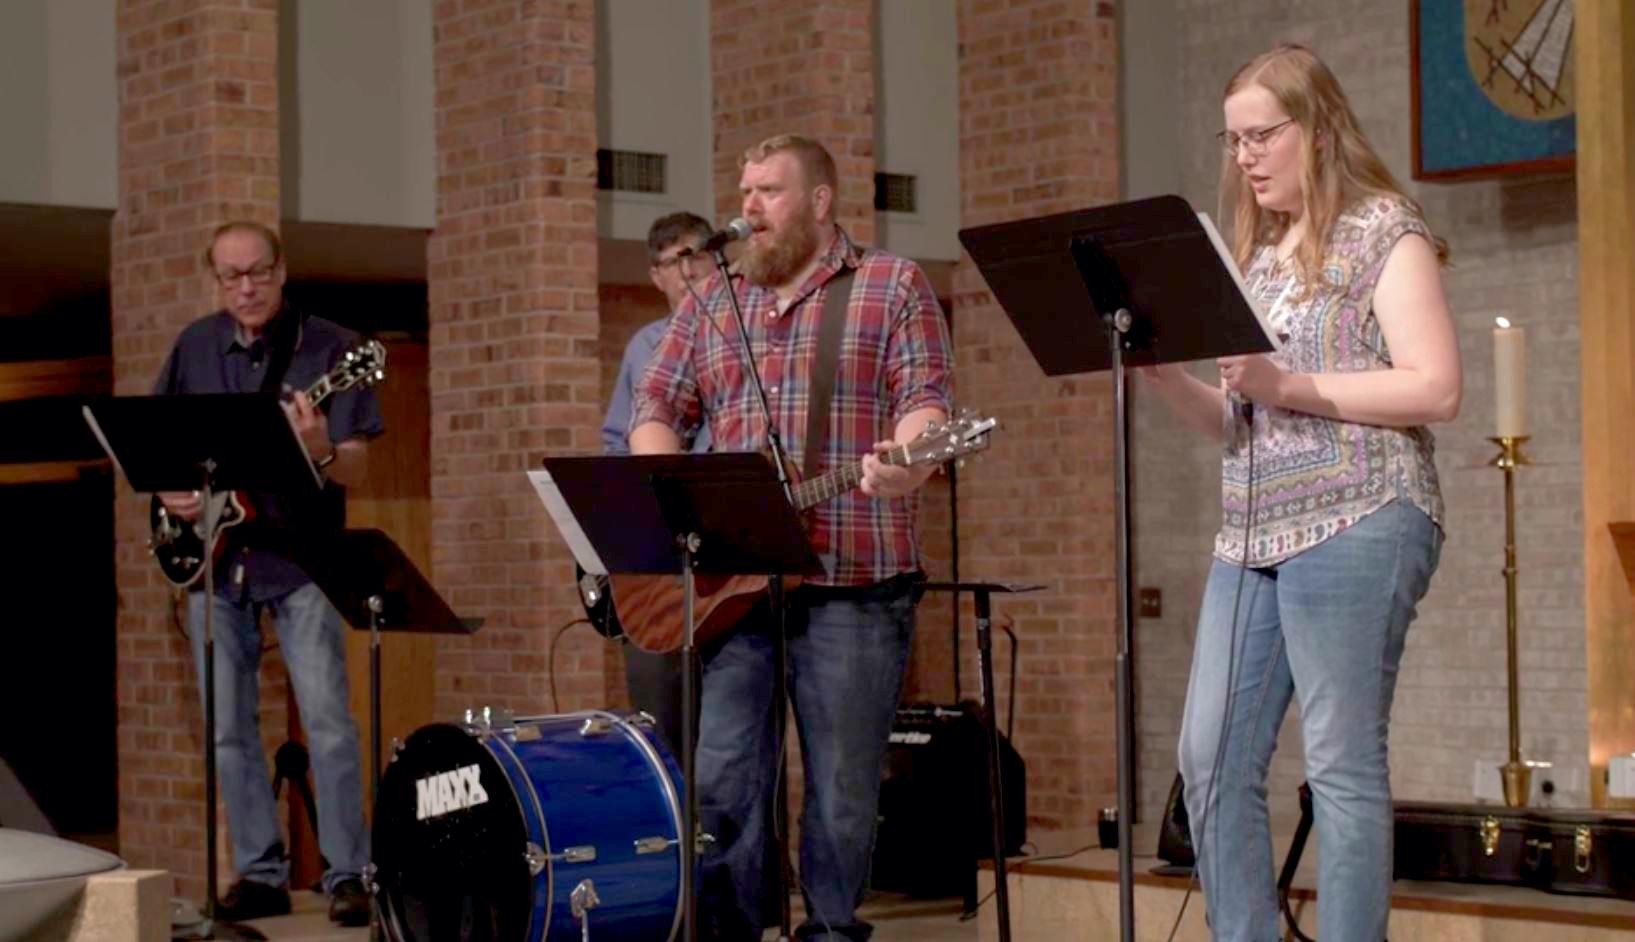 The Praise Band at First Presbyterian Church, Sioux Falls.